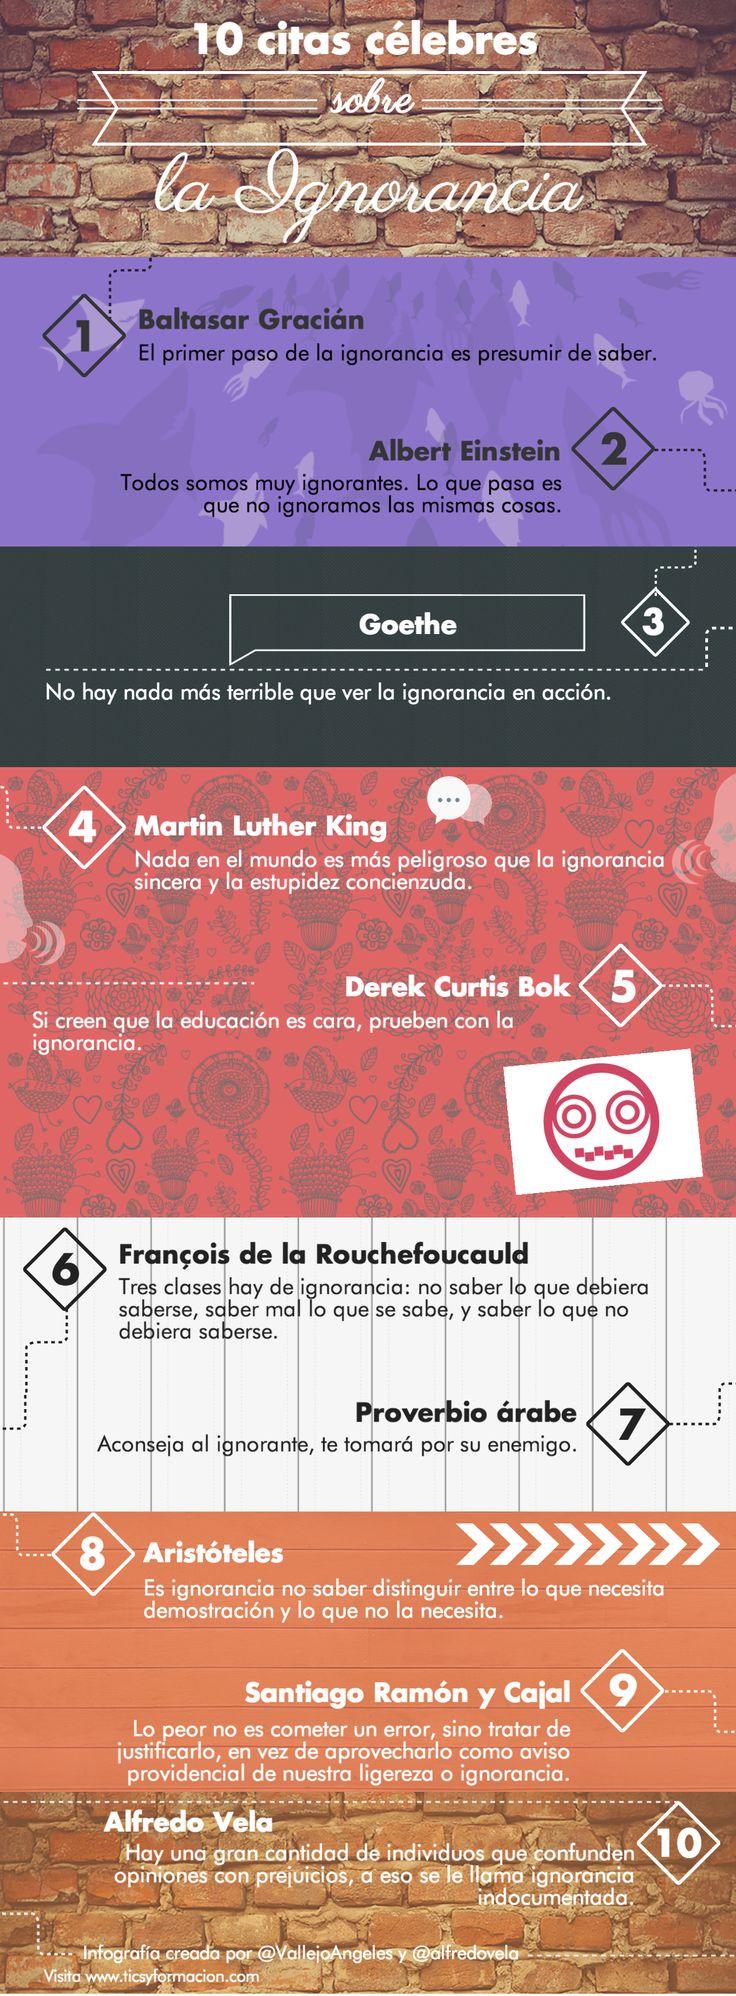 Hola: Una infografía con 10 citas célebres sobre la ignorancia. Realizada con Piktochart. Un saludo